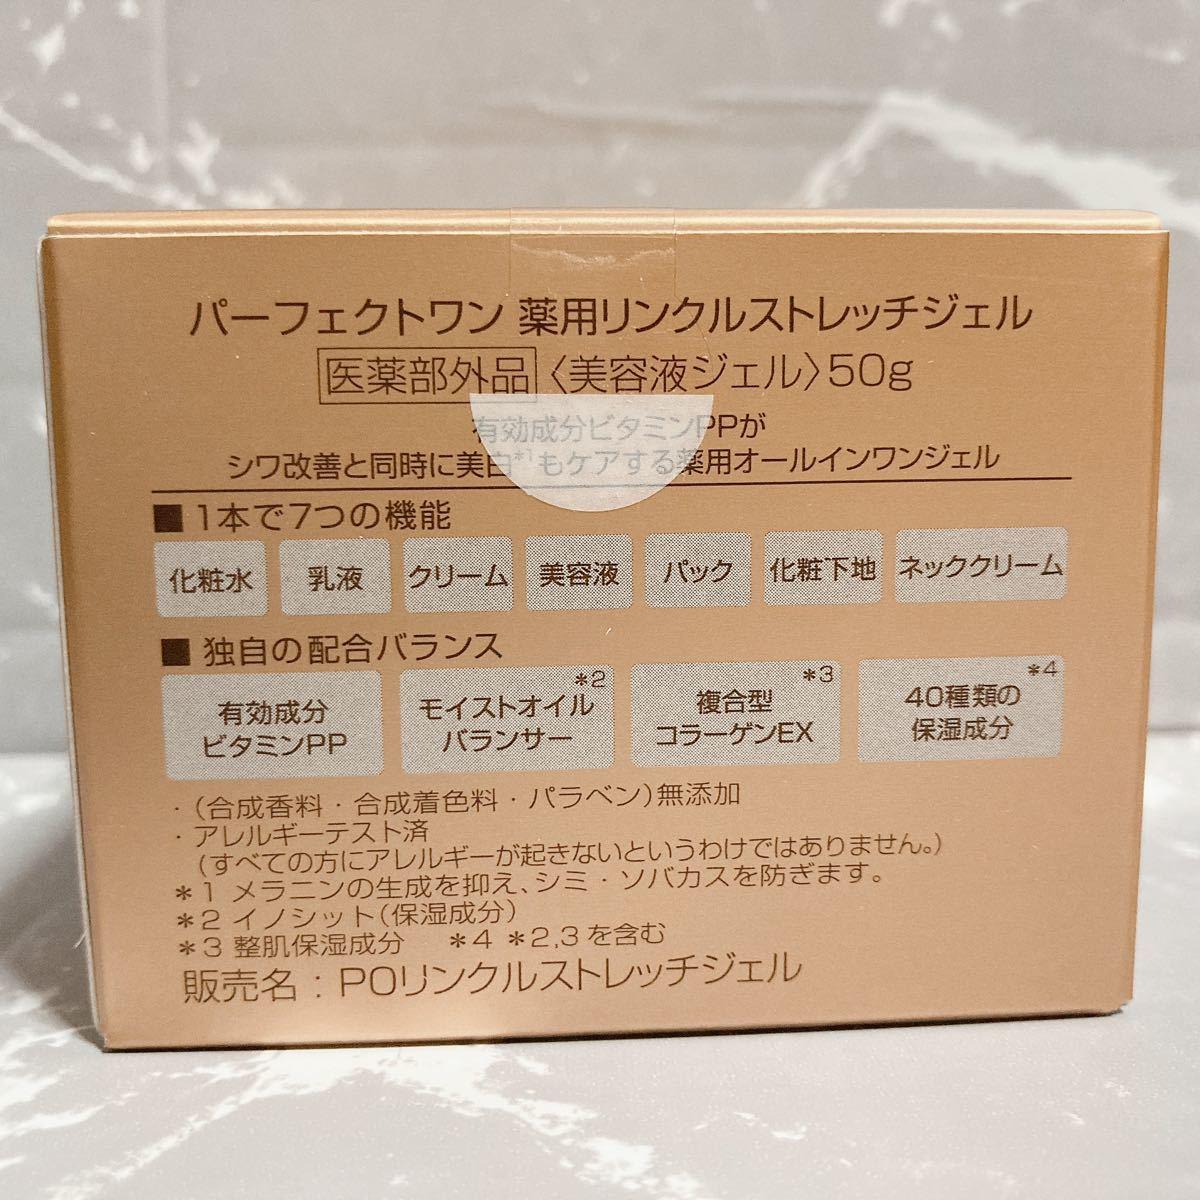 パーフェクトワン 薬用リンクルストレッチジェル<美容液ジェル>50g